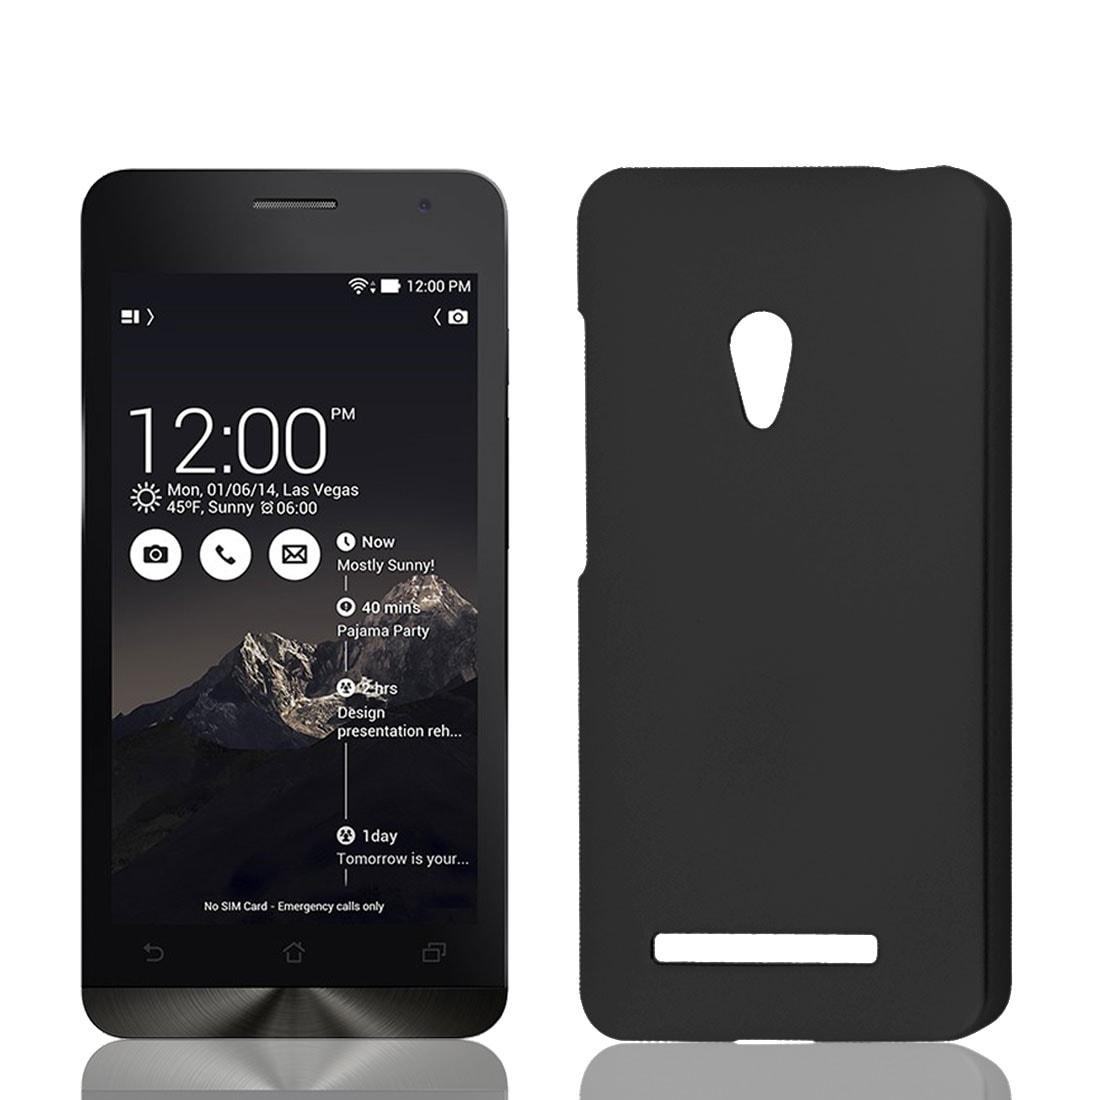 Case Asus Zenfone Go Zc500tg Bumper Mirror Slide Hitam Free Flipcase Source · Shop Unique Bargains